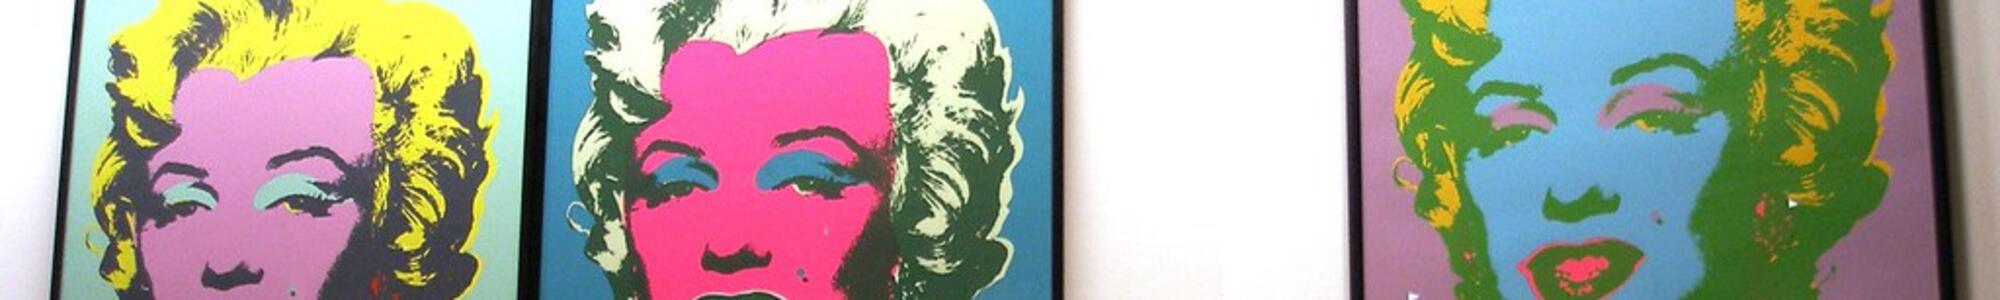 Speciale soggiorno in B&B a Bologna per evento Warhol&Friends